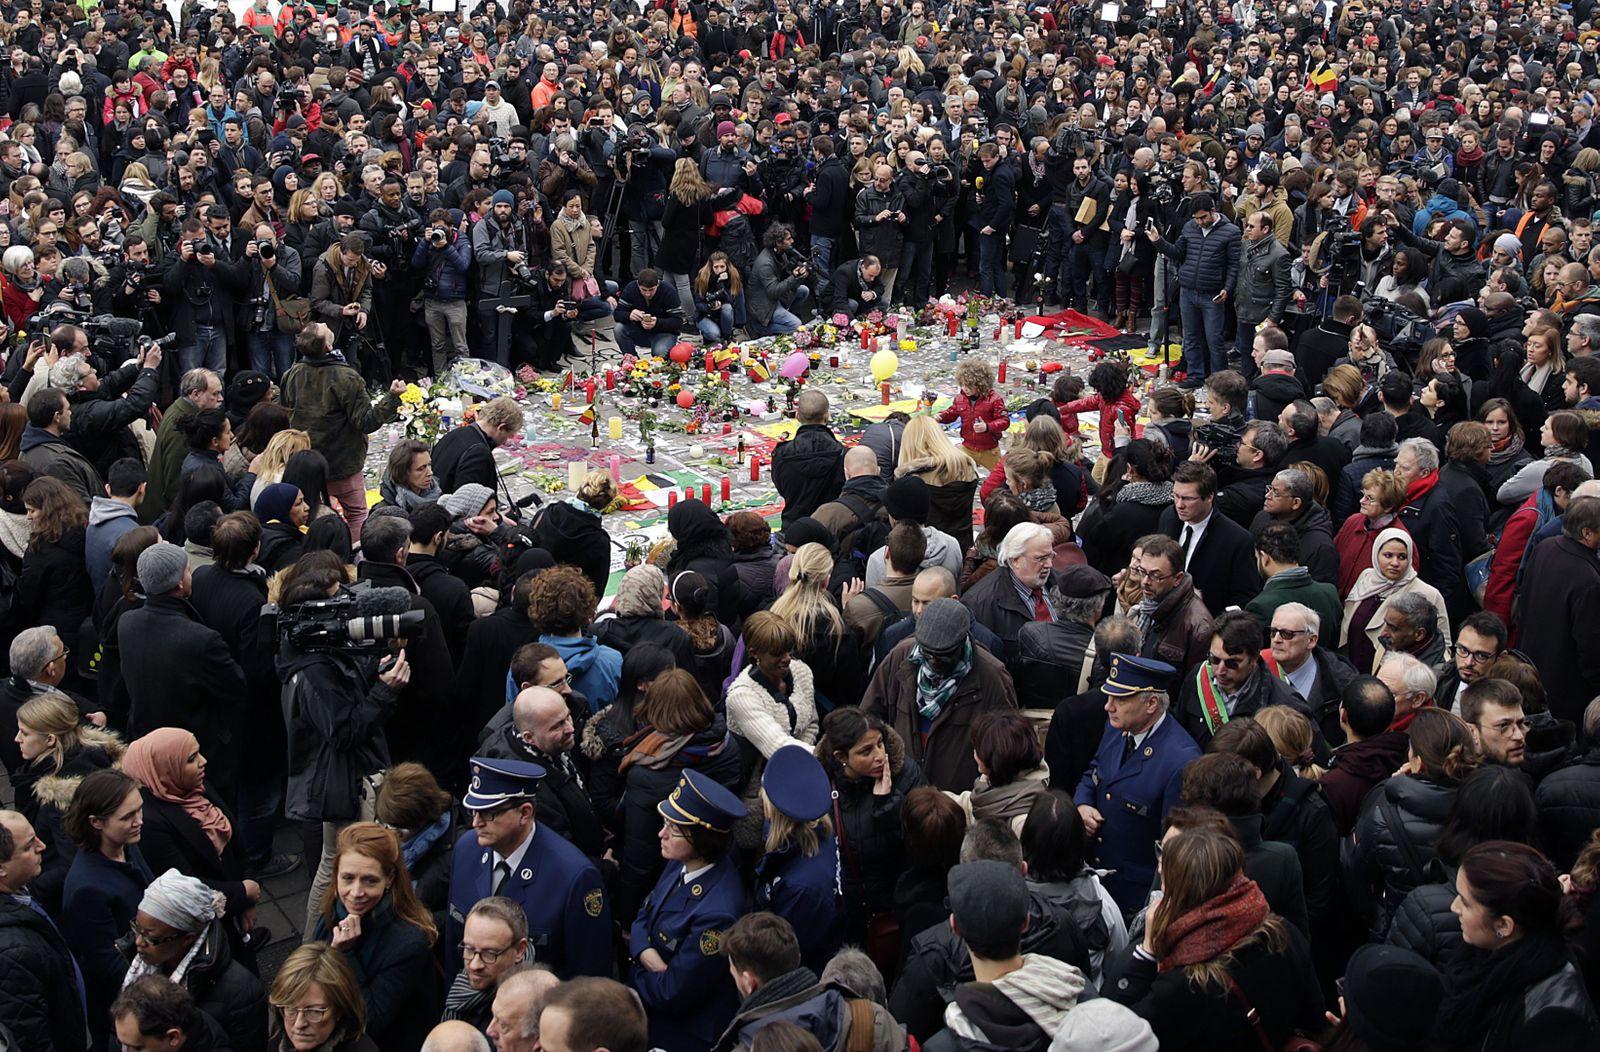 Anschläge in Brüssel / Gedenken / Schweigeminute